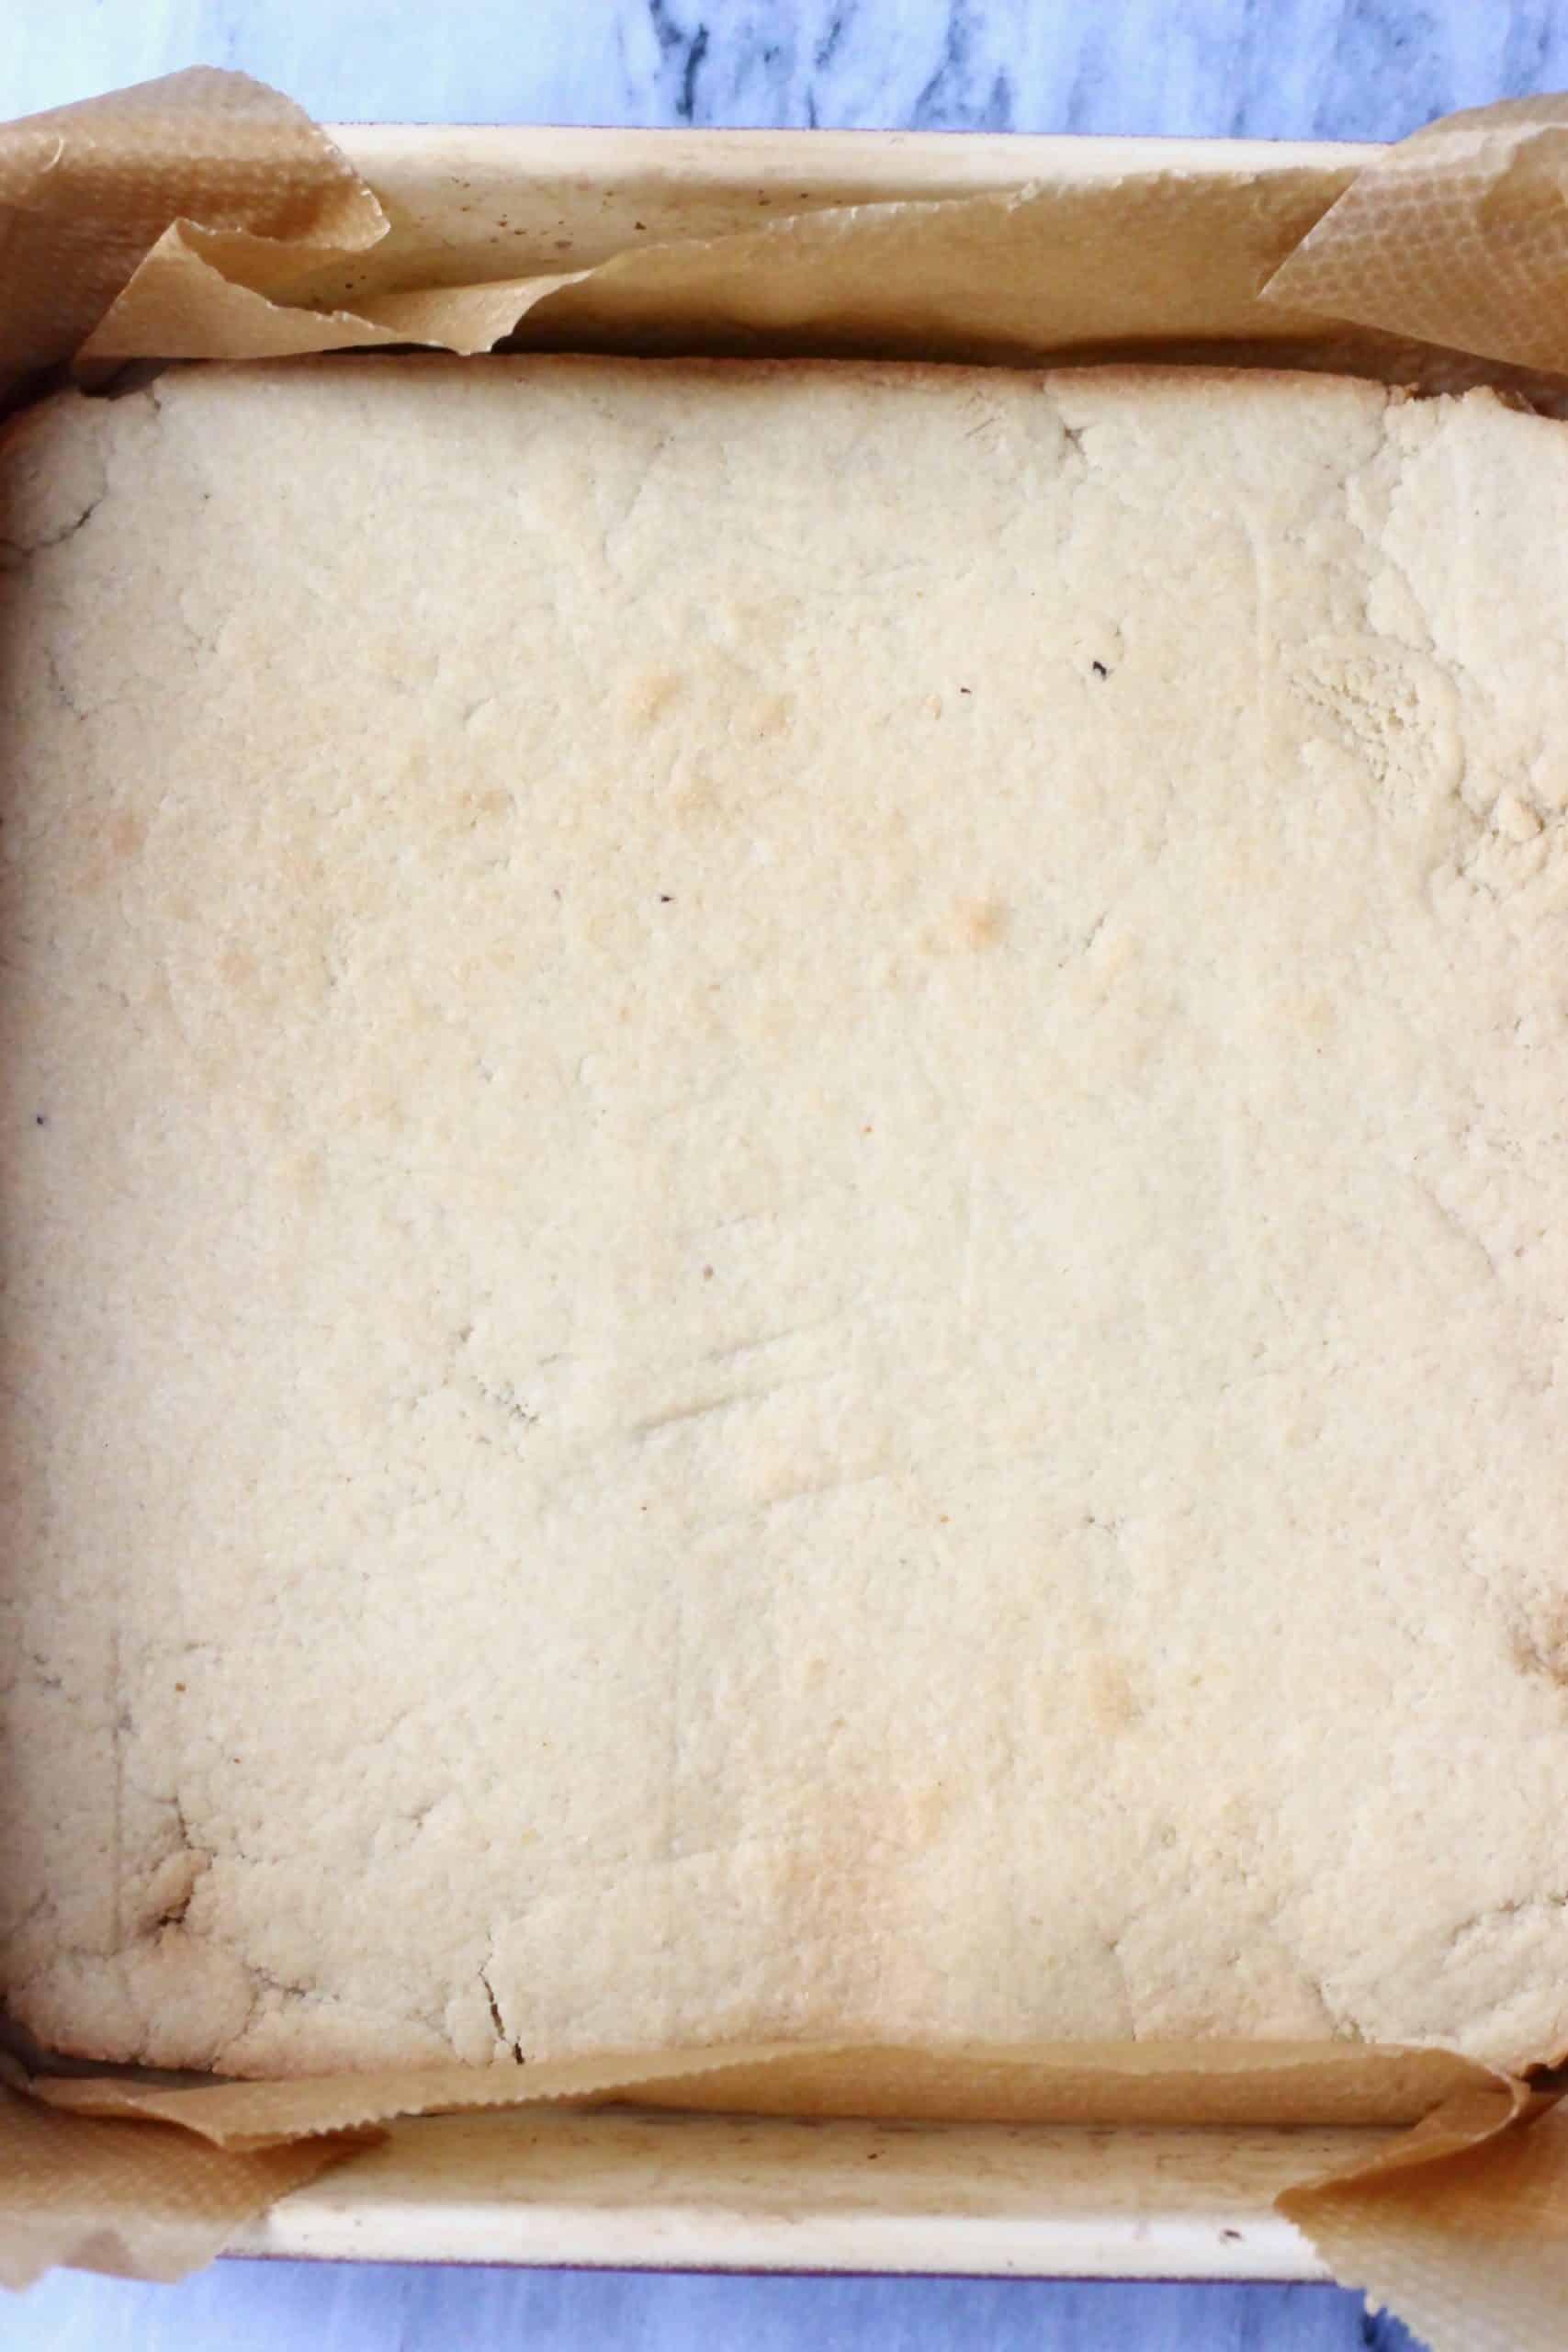 Baked gluten-free vegan crumble bar base in a square baking tin